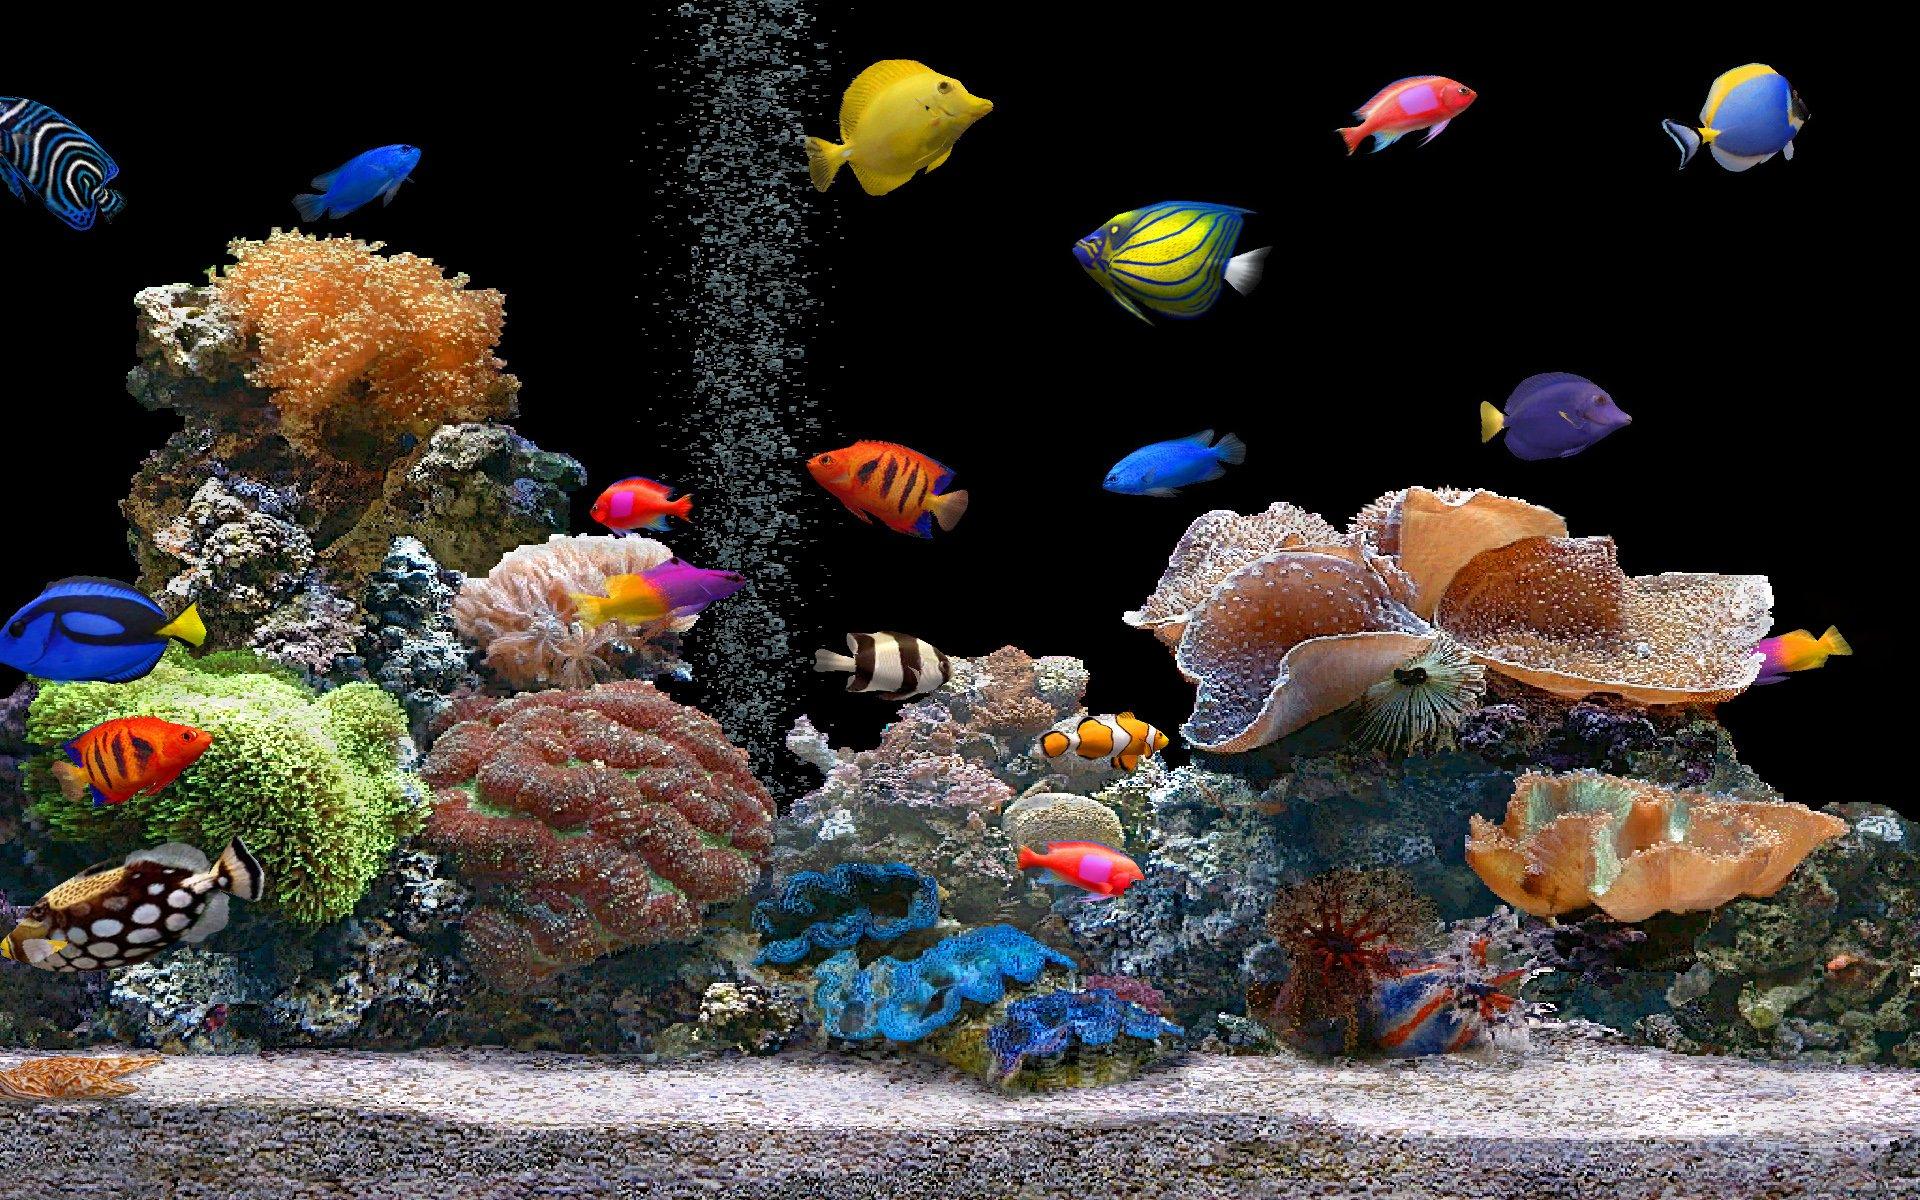 Aquarium wallpaper   120085 1920x1200